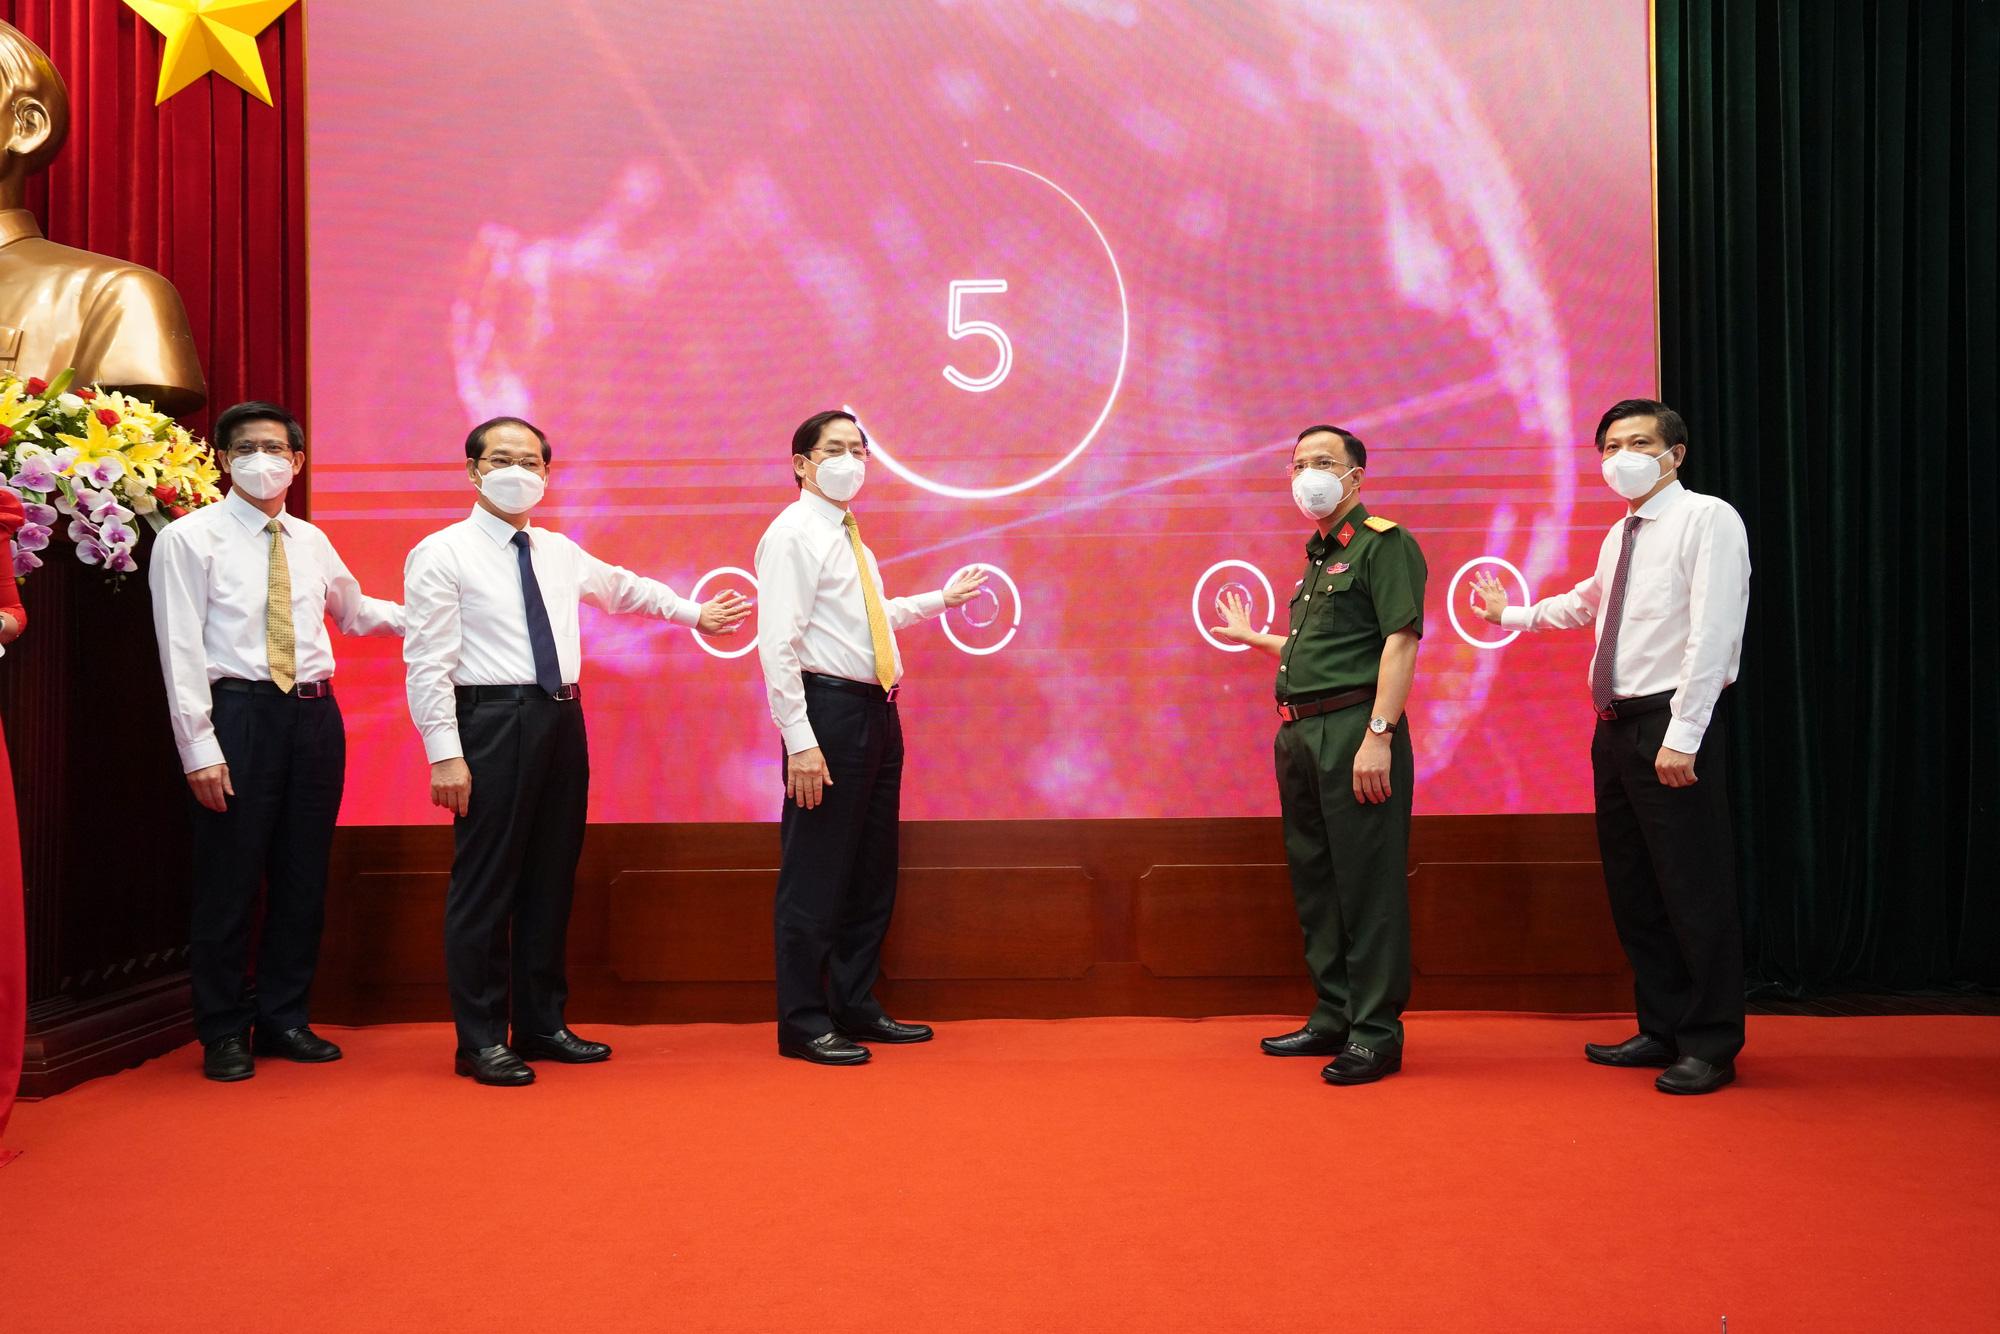 Viettel chính thức khai trương mạng 5G tại tỉnh Bà Rịa – Vũng Tàu - Ảnh 2.